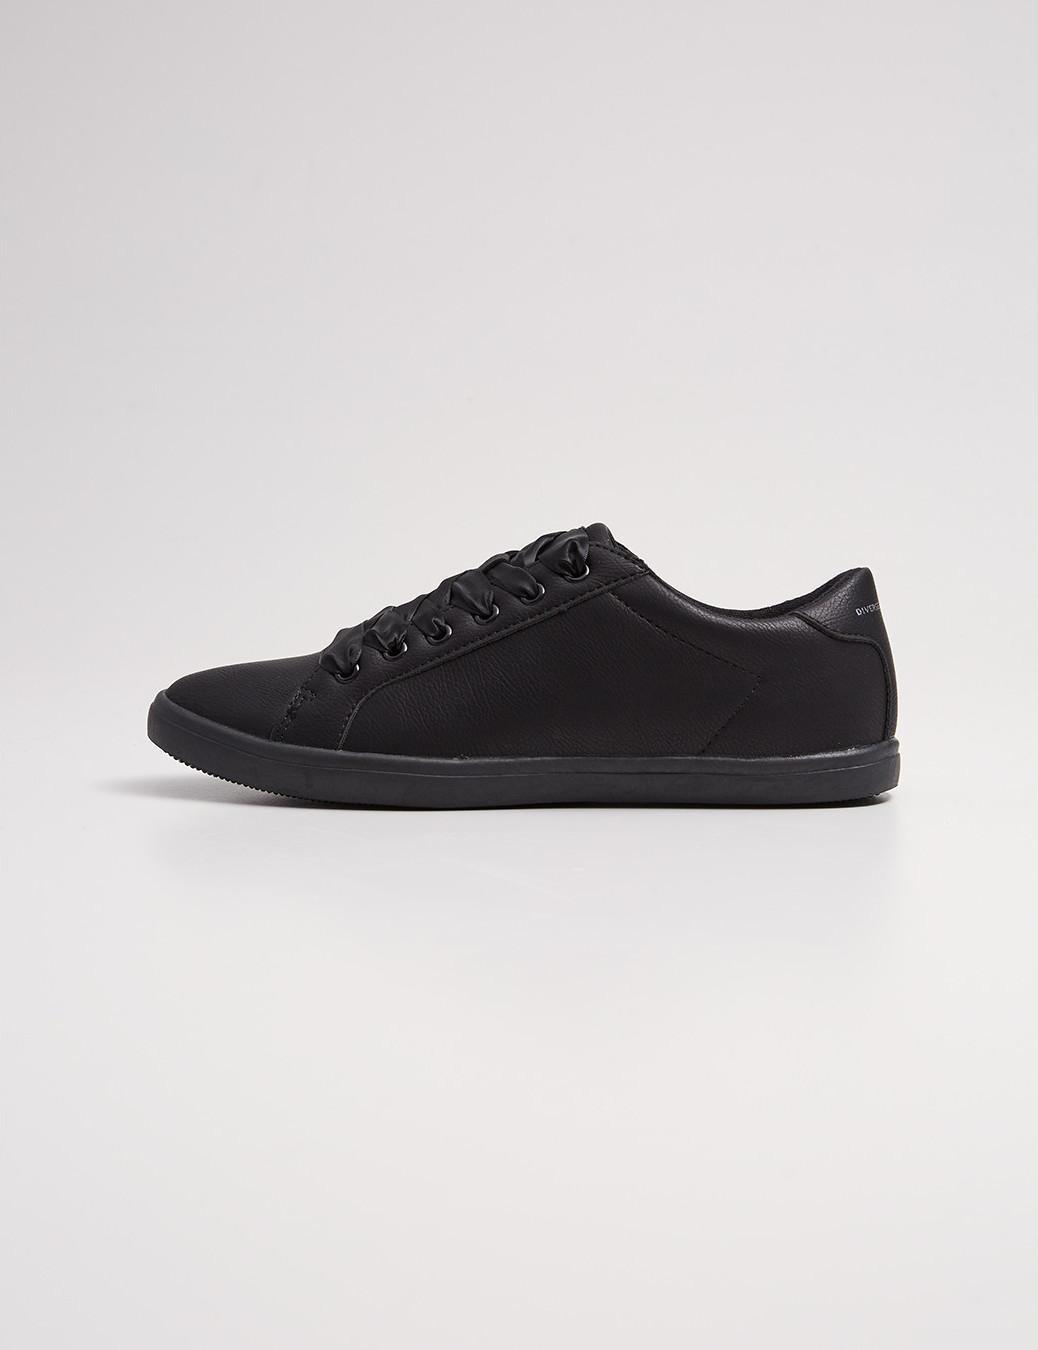 Shoes MOKA Buty Diverse sklep internetowy Diverse